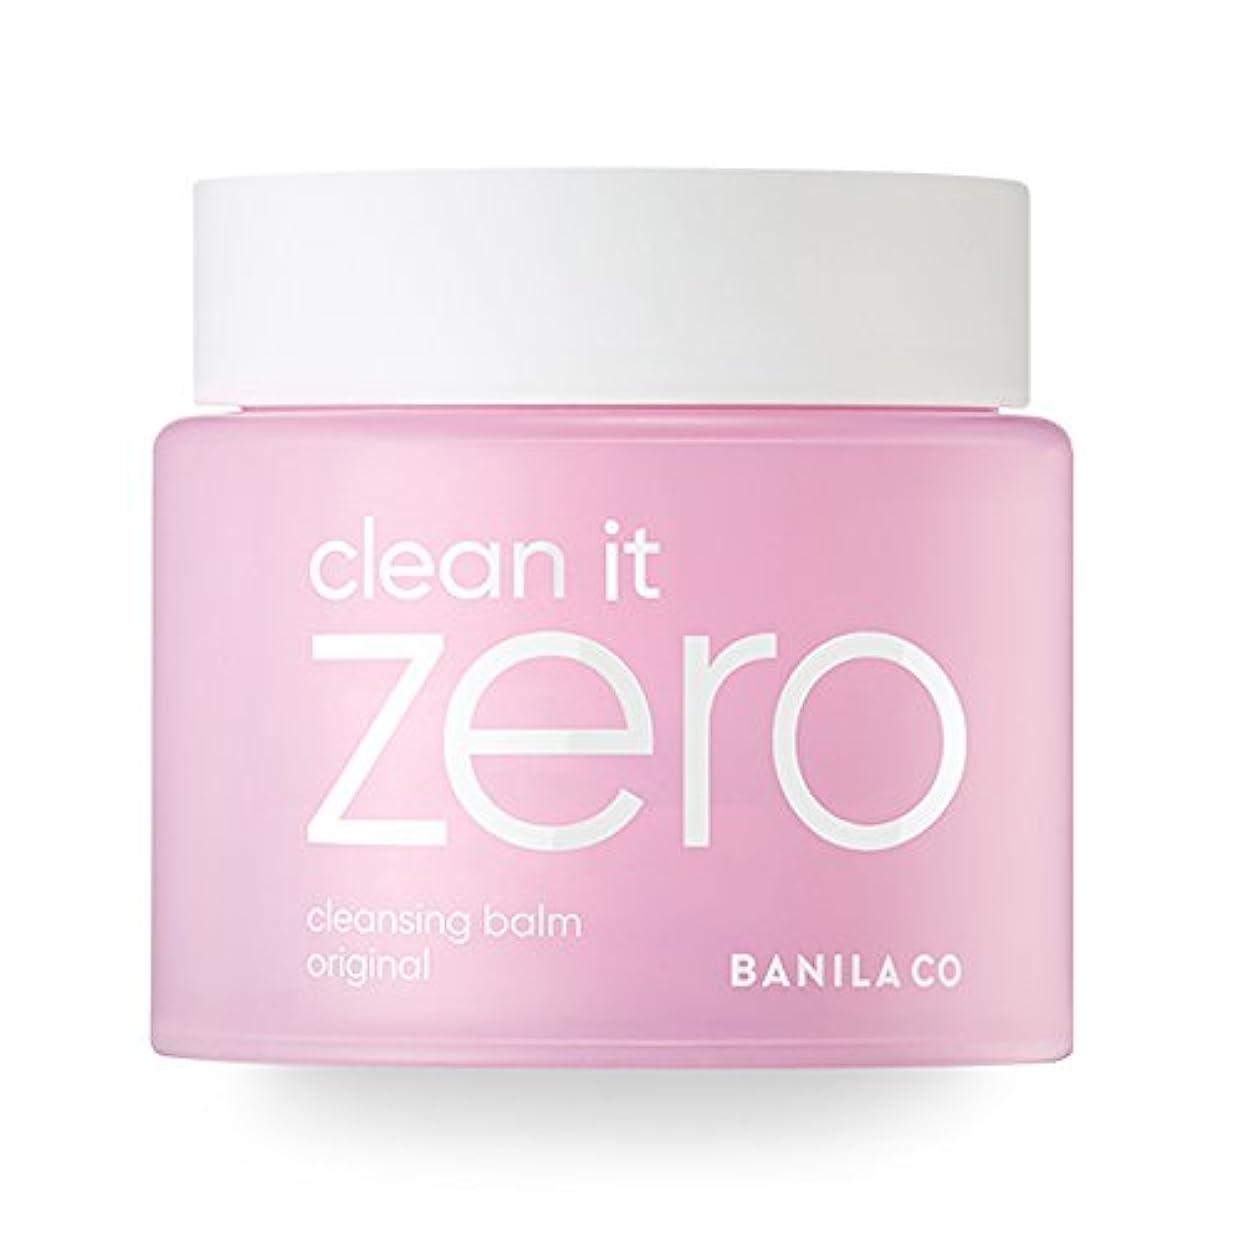 援助する東部レパートリーBANILA CO(バニラコ)公式ストア  バニラコ クリーン イット ゼロ クレンジング バーム オリジナル / Clean It Zero Cleansing Balm Original 180ml